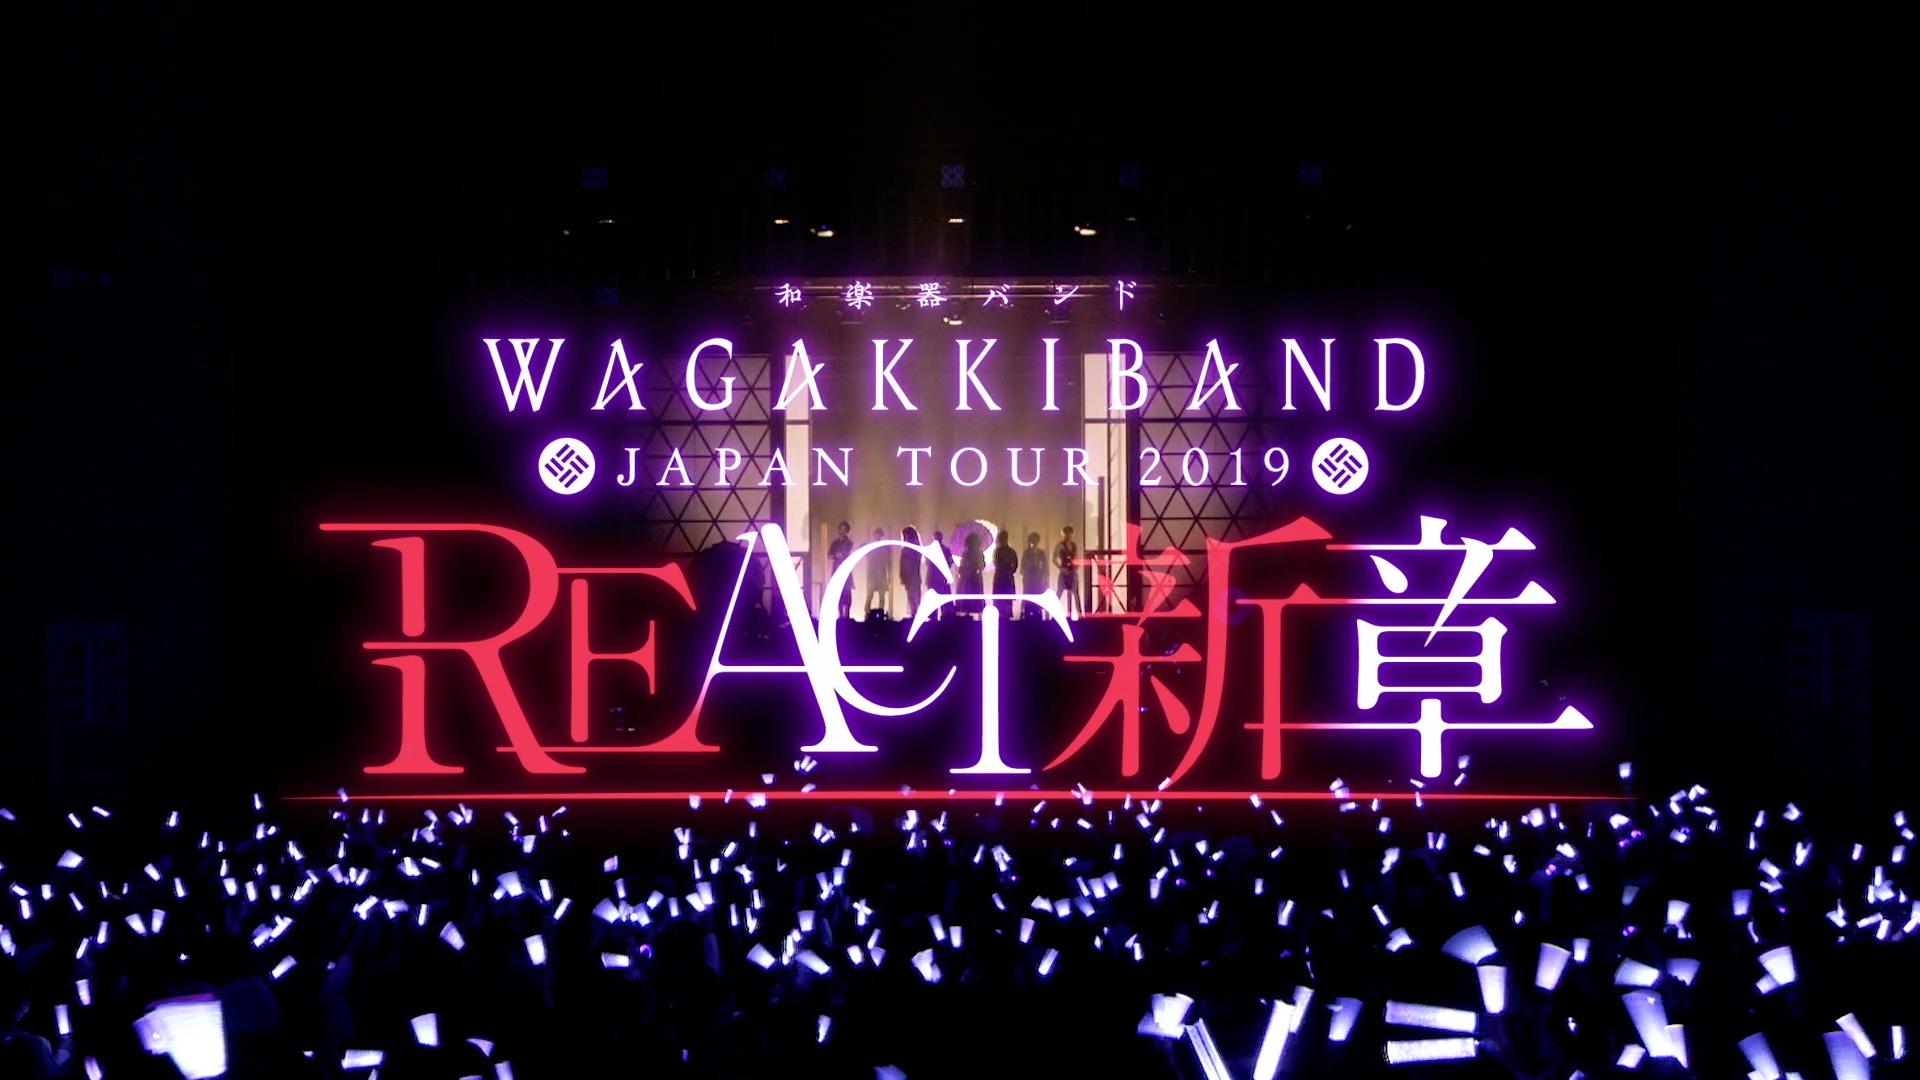 「和楽器バンド Japan Tour 2019 REACT-新章- @ 横須賀芸術劇場 LIVE ダイジェスト」